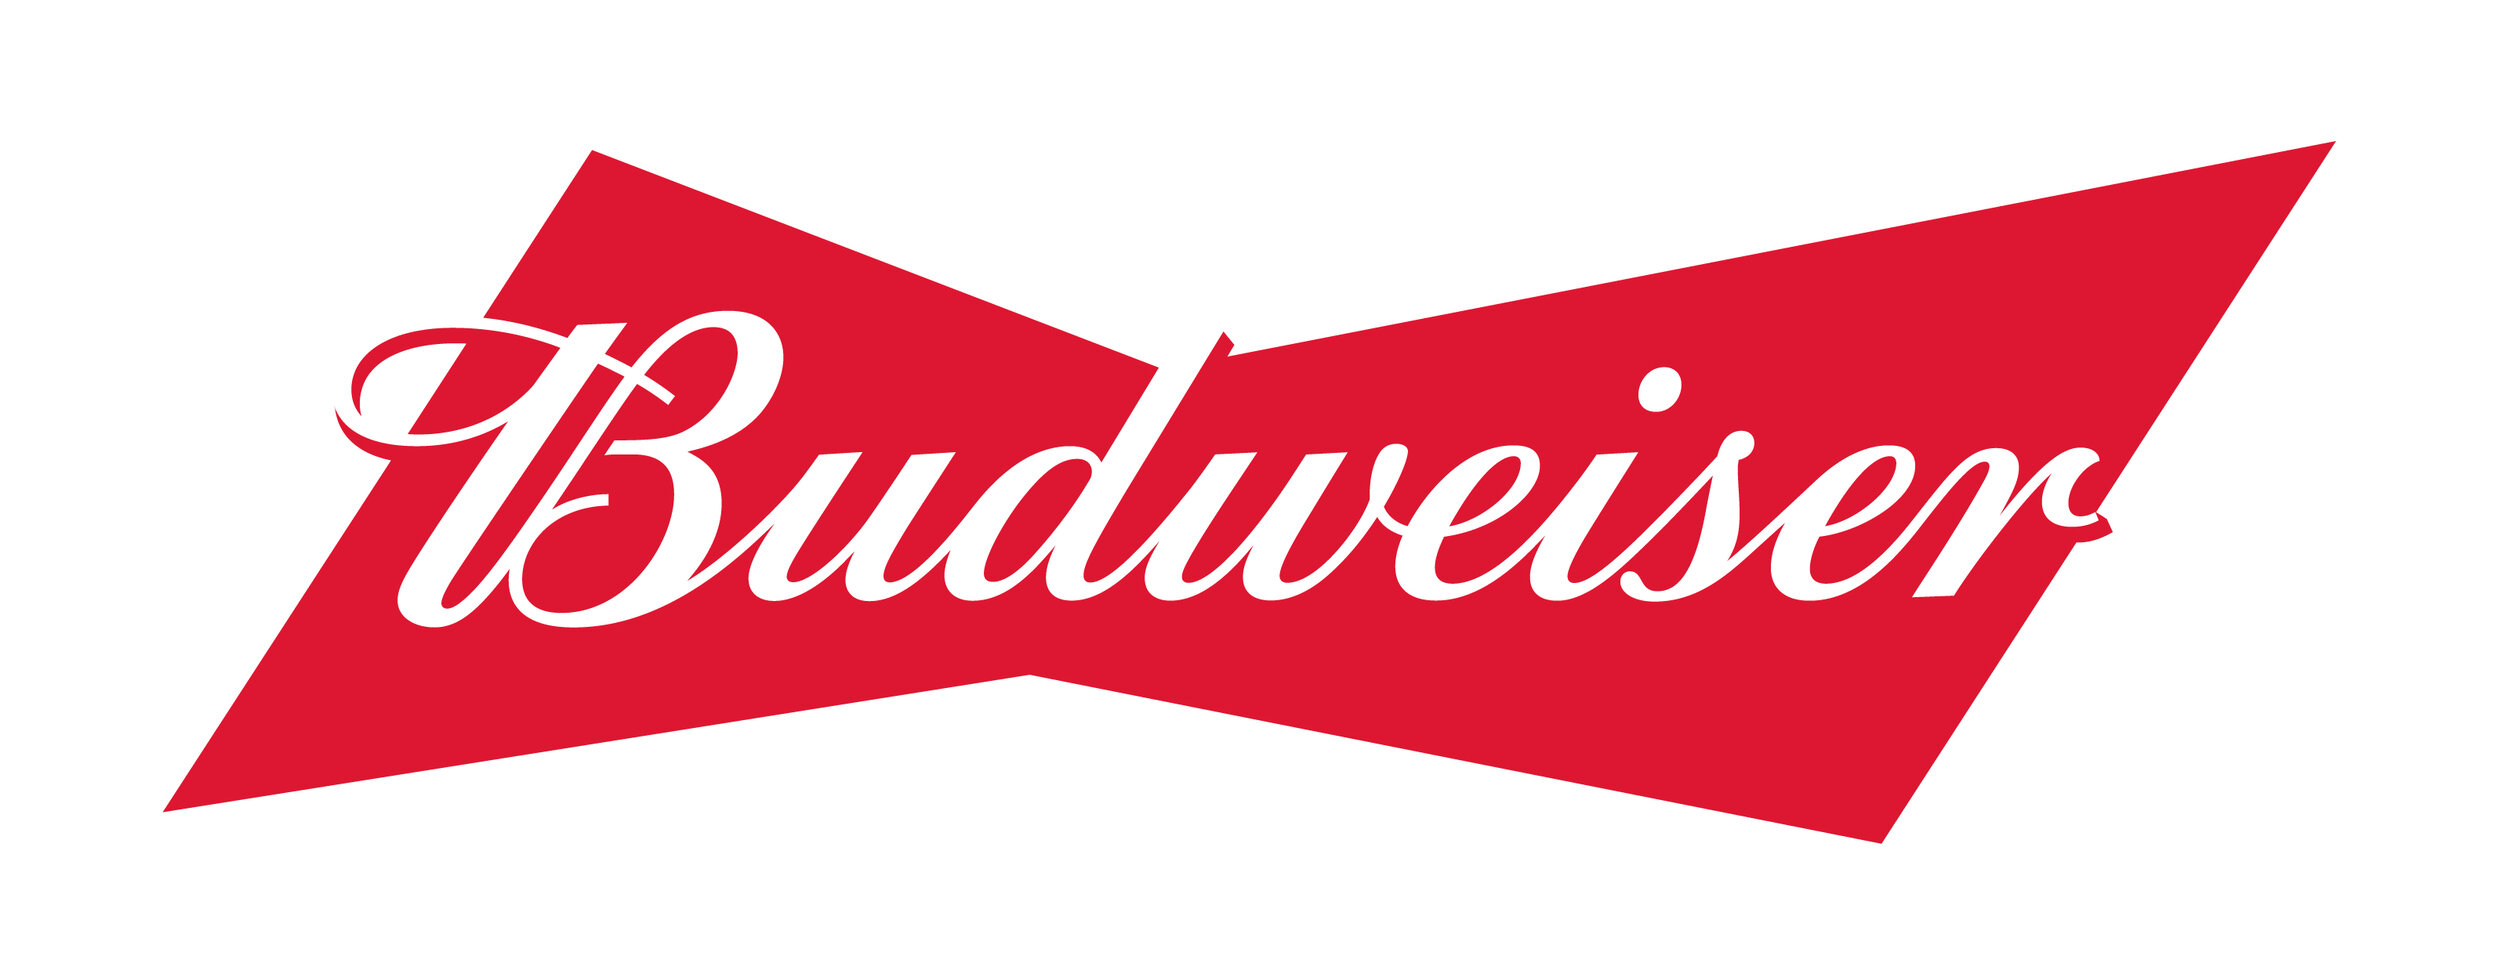 Budweiser_Anheuser-Busch_logo.jpg